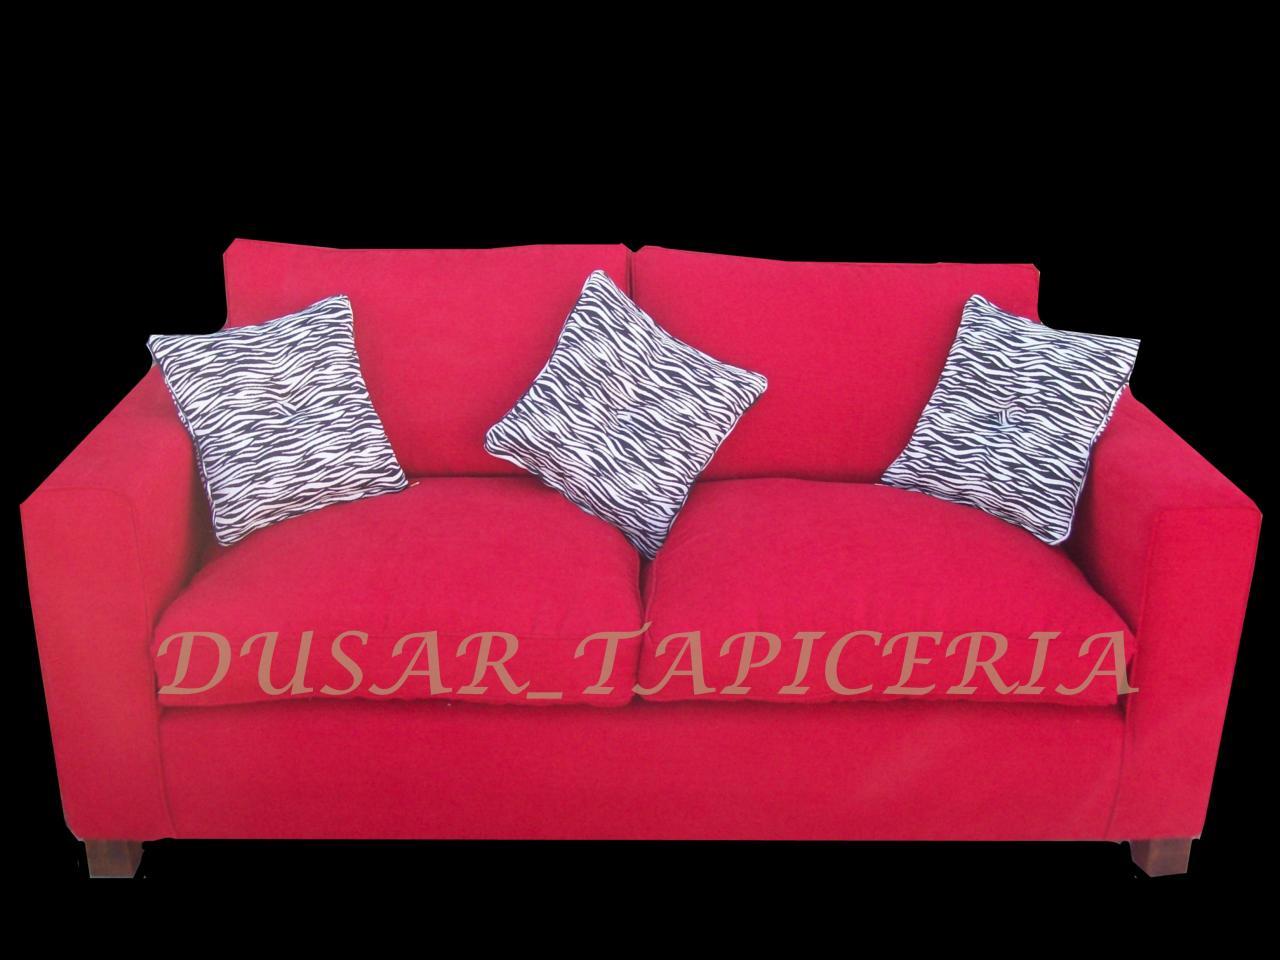 Dusar tapiceria fabrica de sillones for Sillones 3 cuerpos chenille